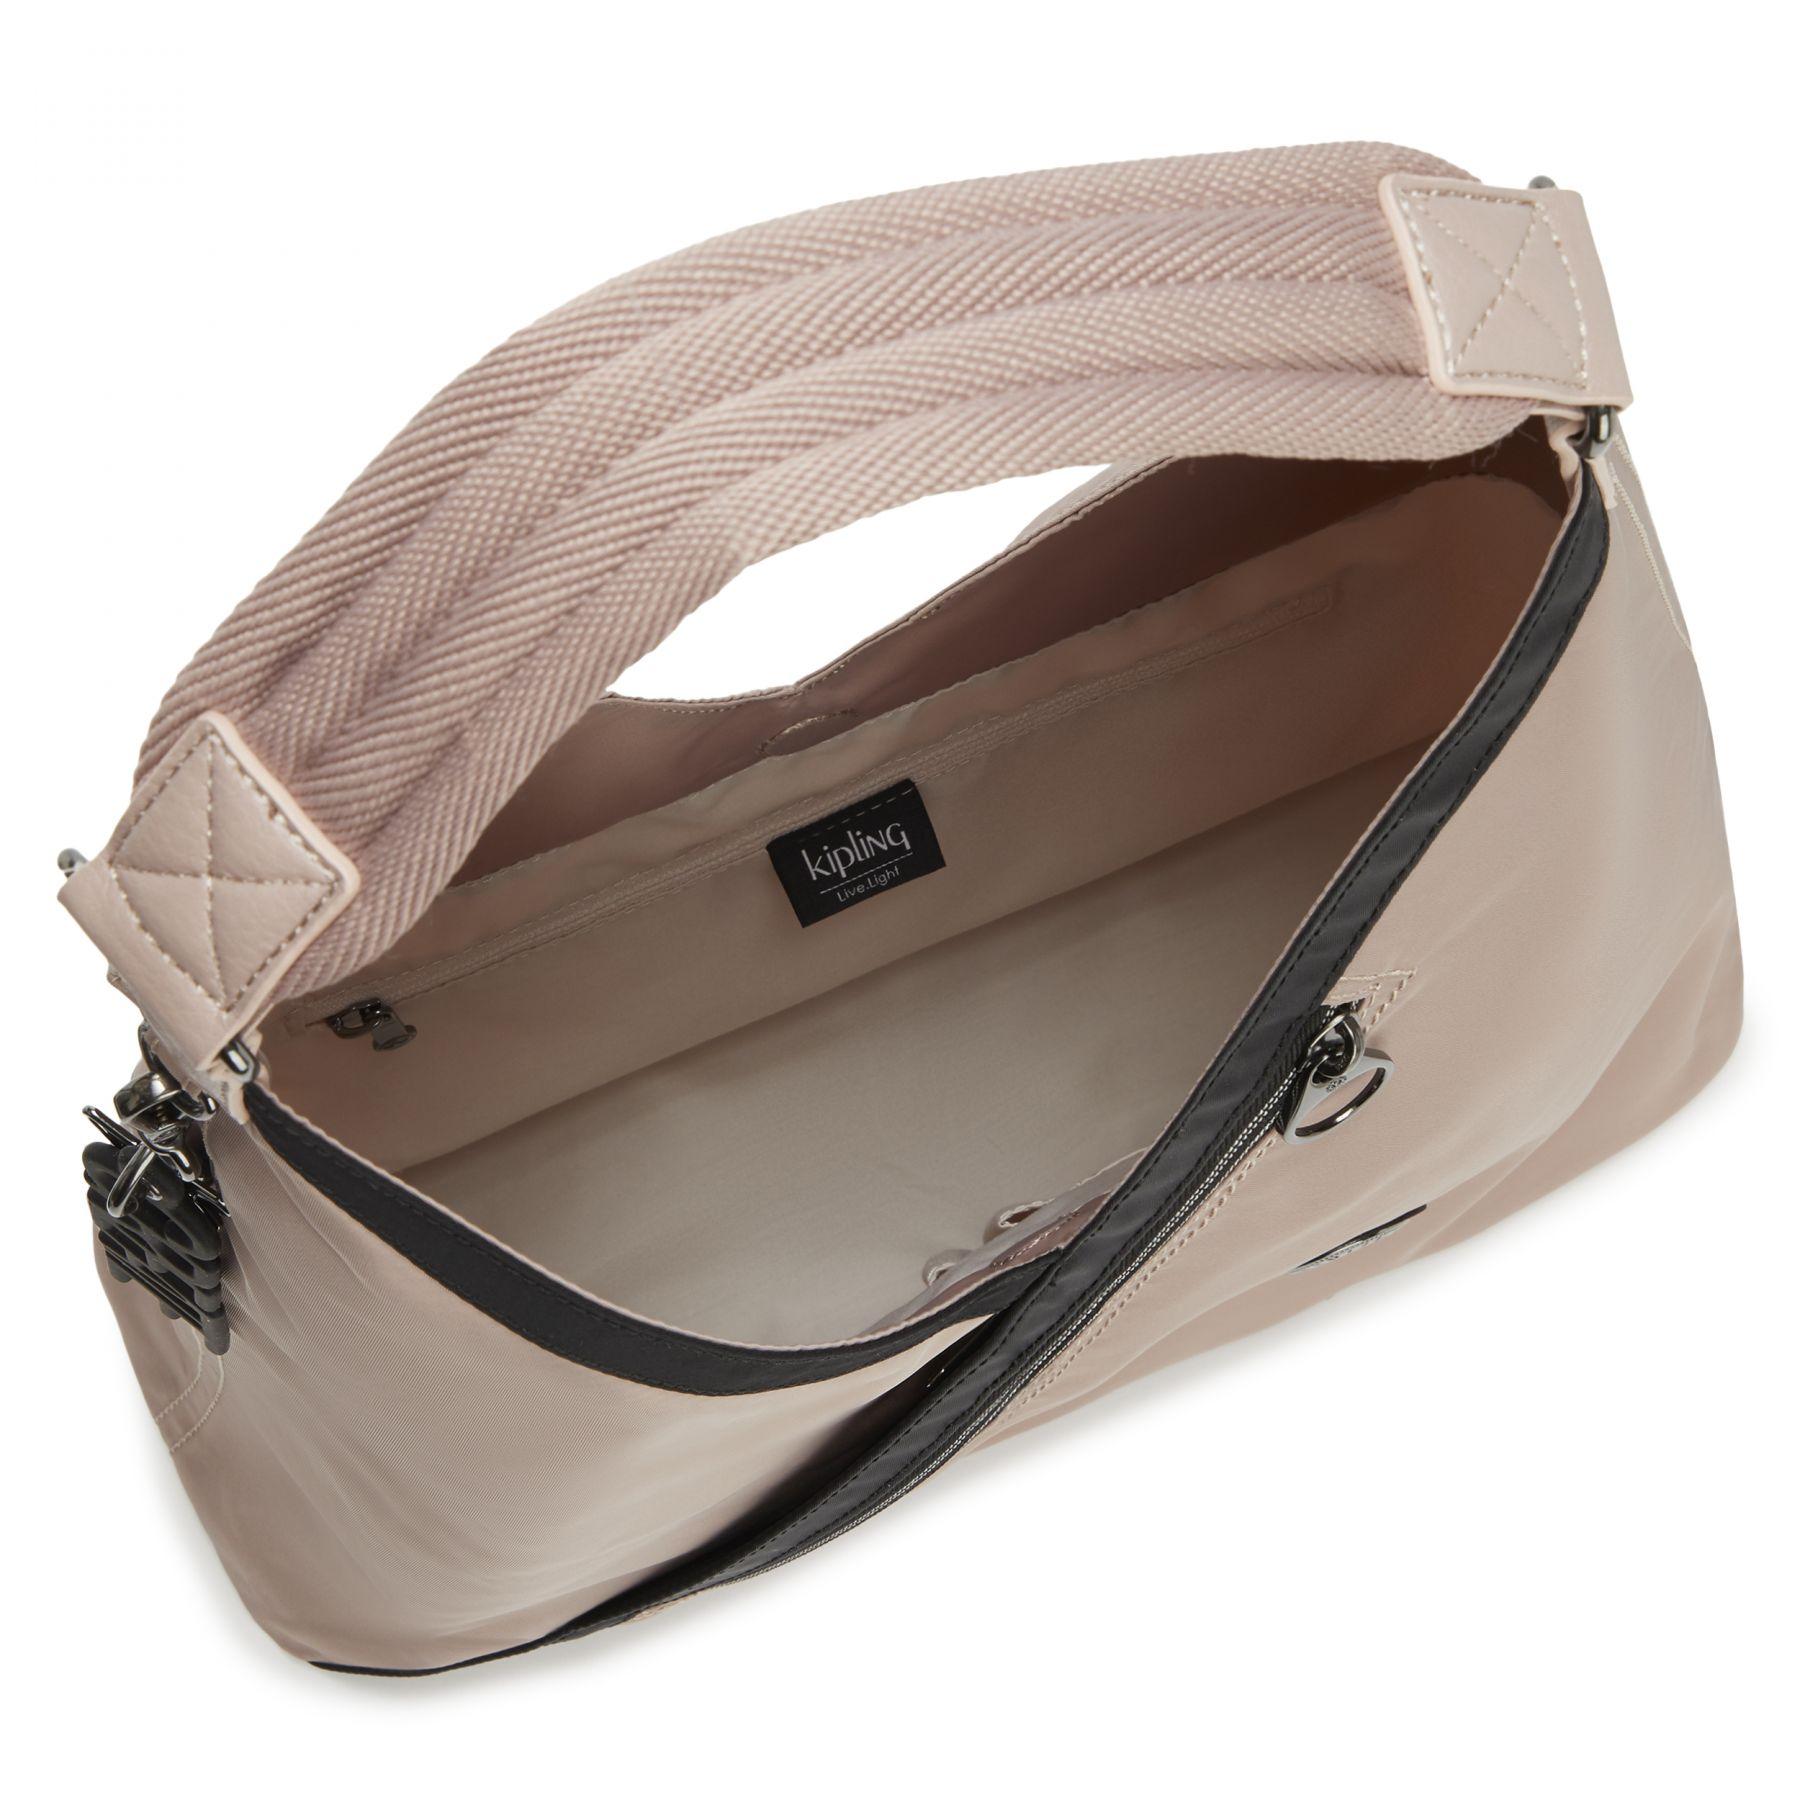 OLINA BAGS by Kipling